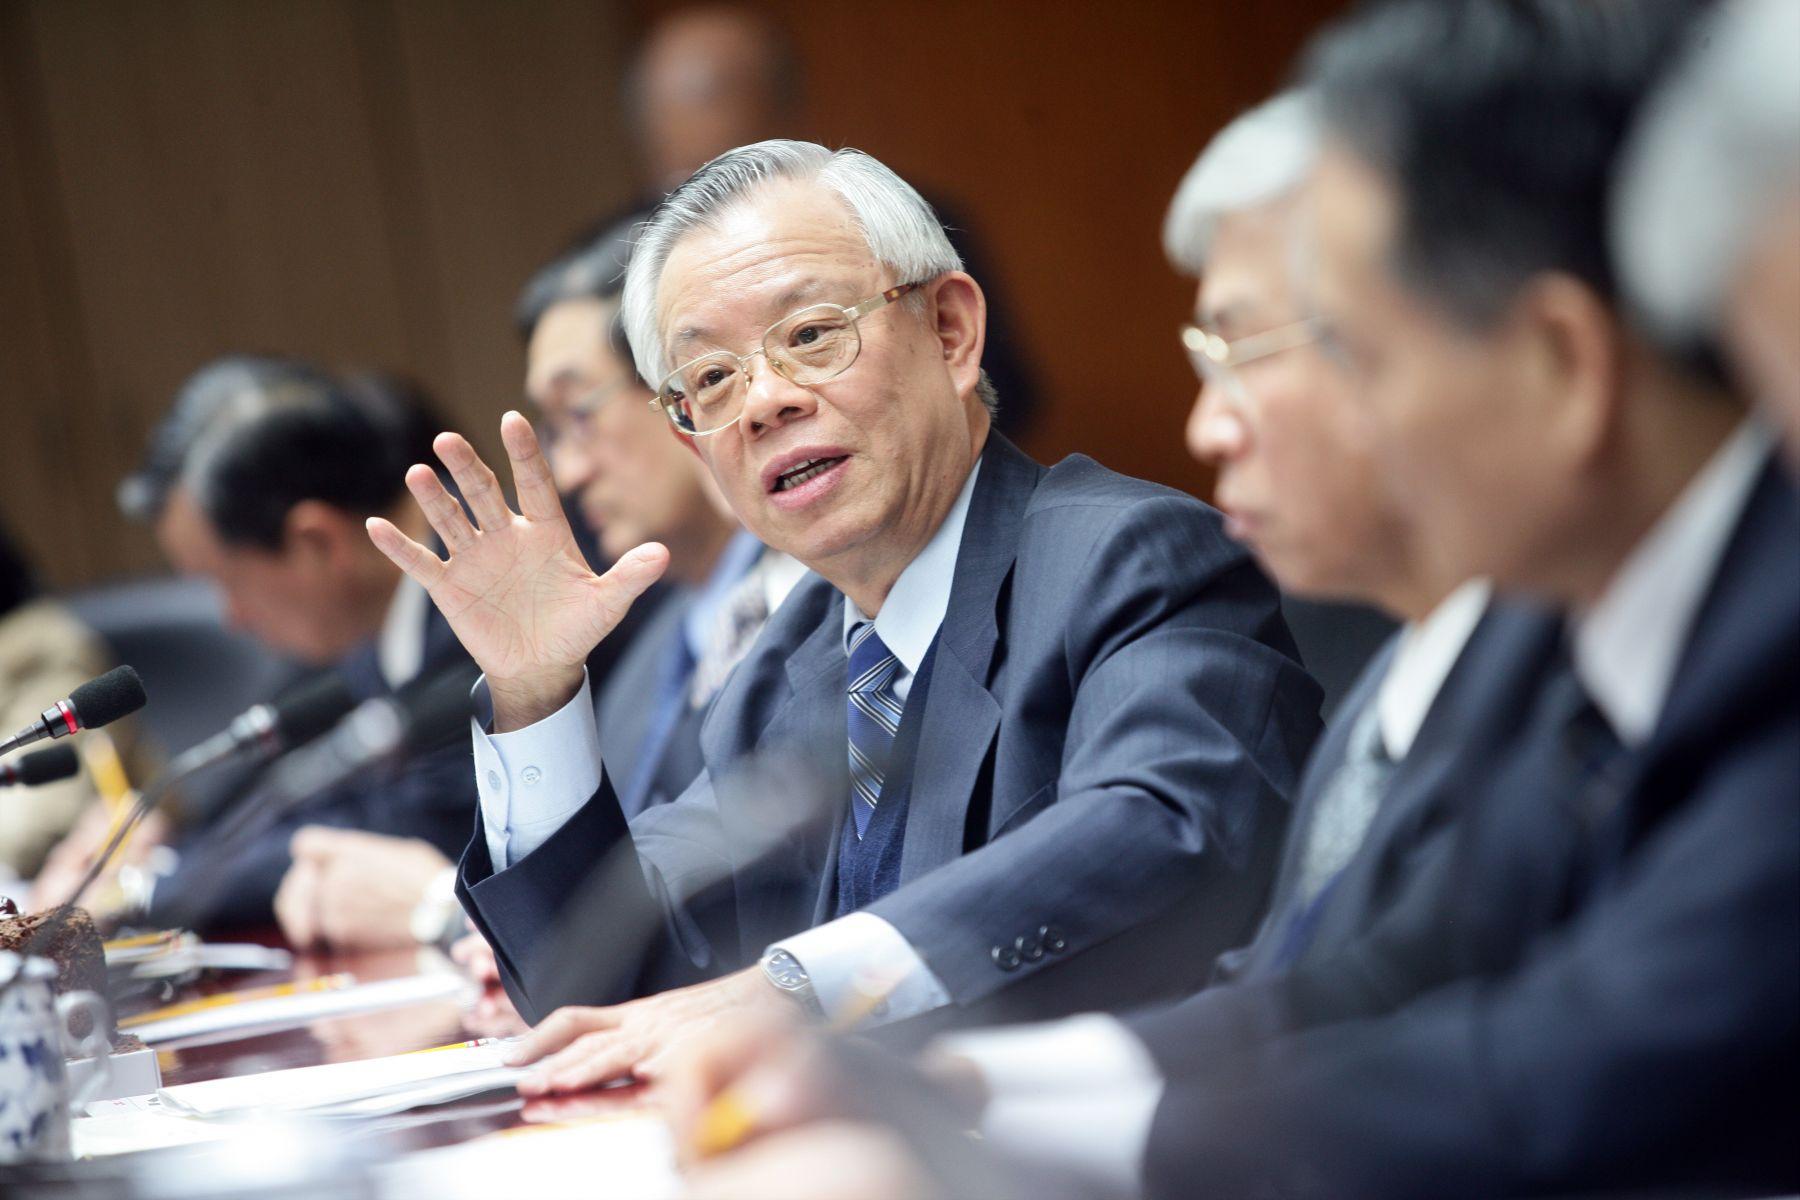 擔任央行總裁20年 彭淮南存款數字「令人吃驚」